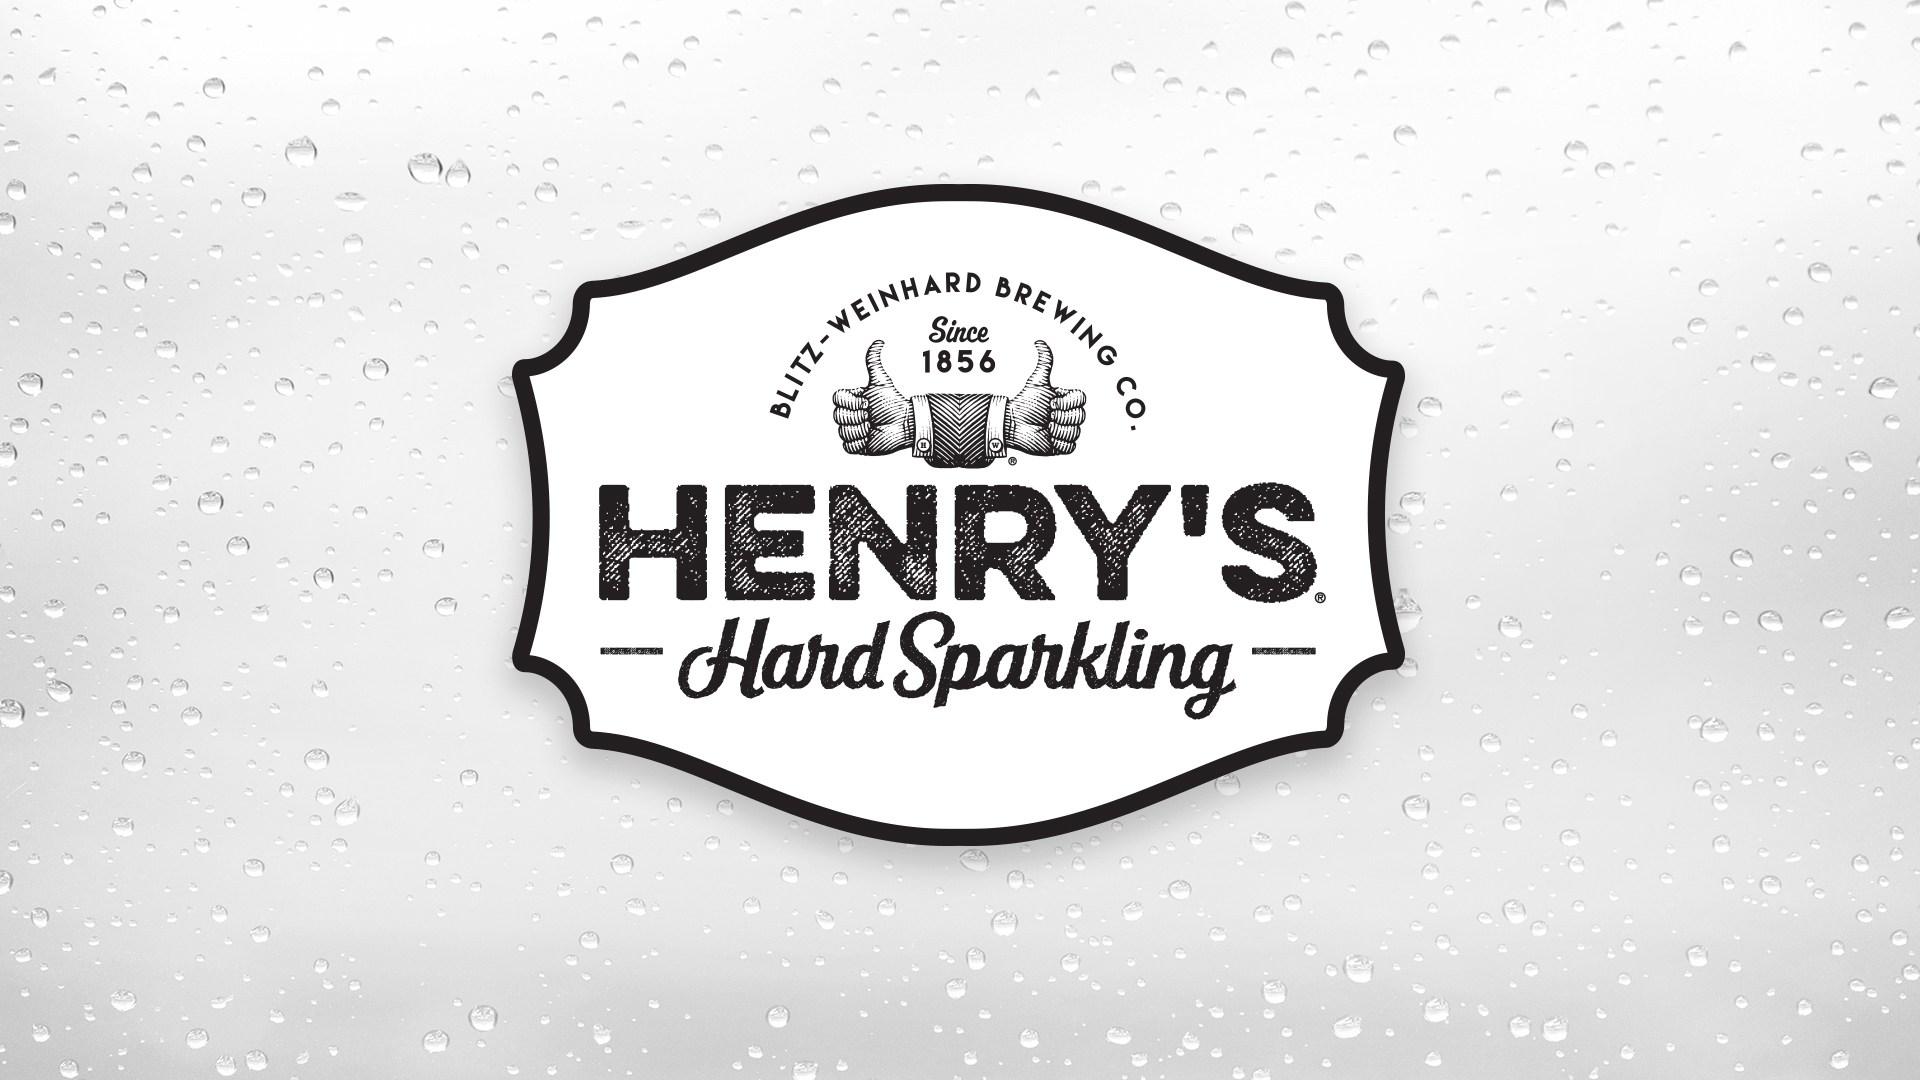 X_Henrys_Sparkling_Logo_1920x1080.jpg